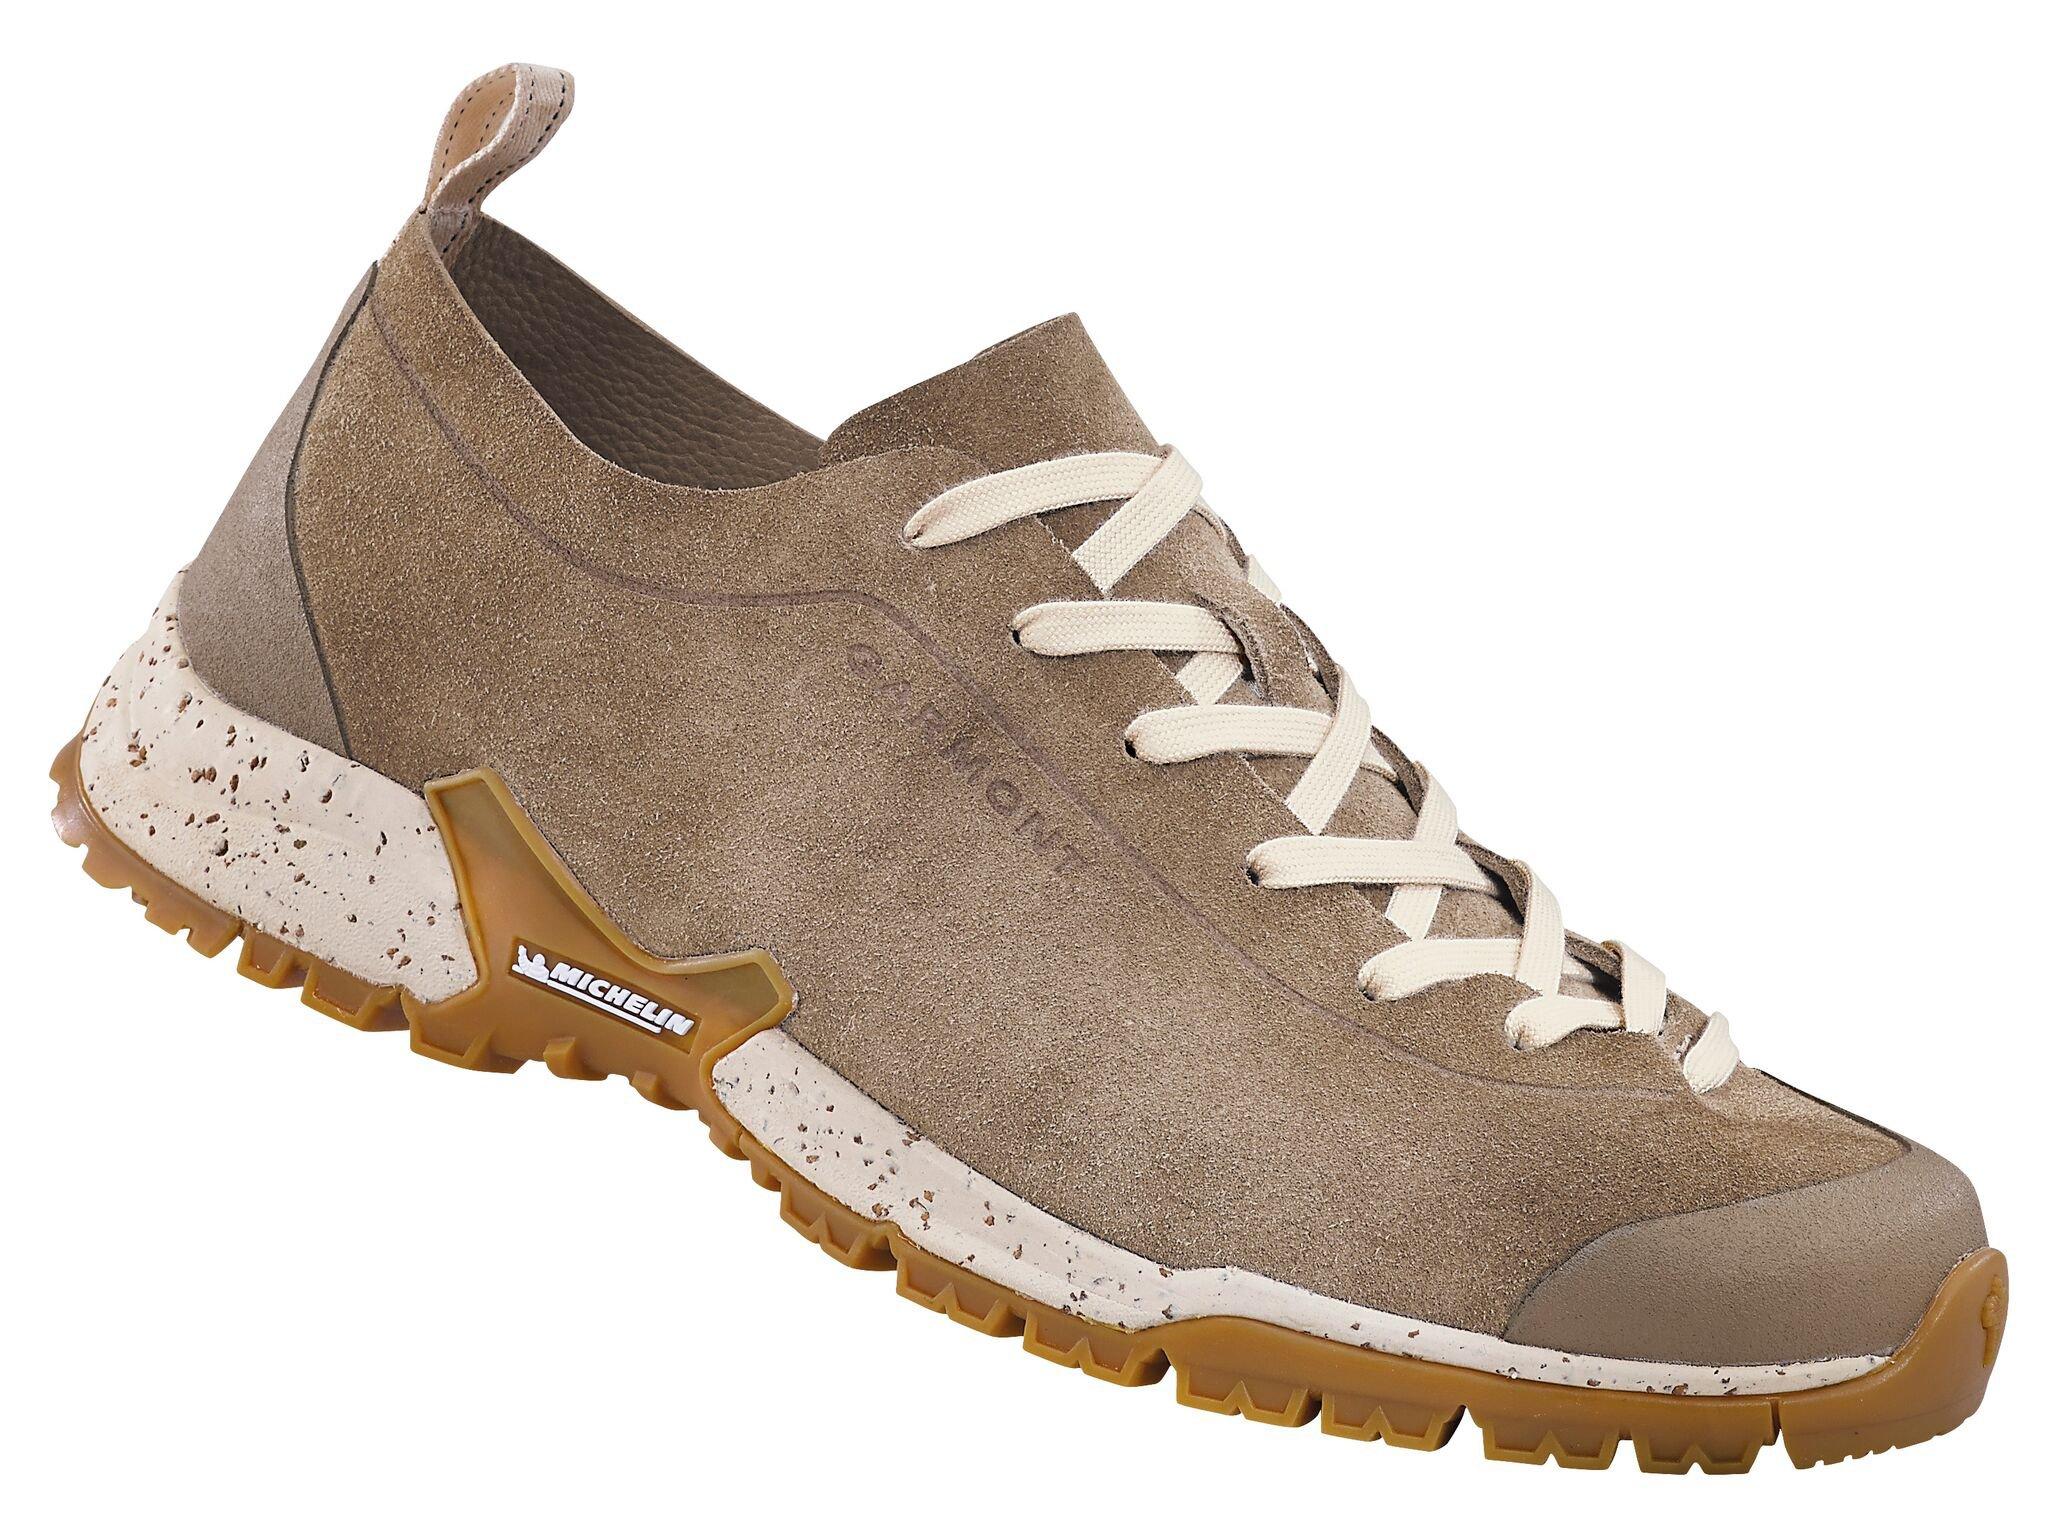 Garmont Women's Tikal Active Travel Shoes, Sand, 7